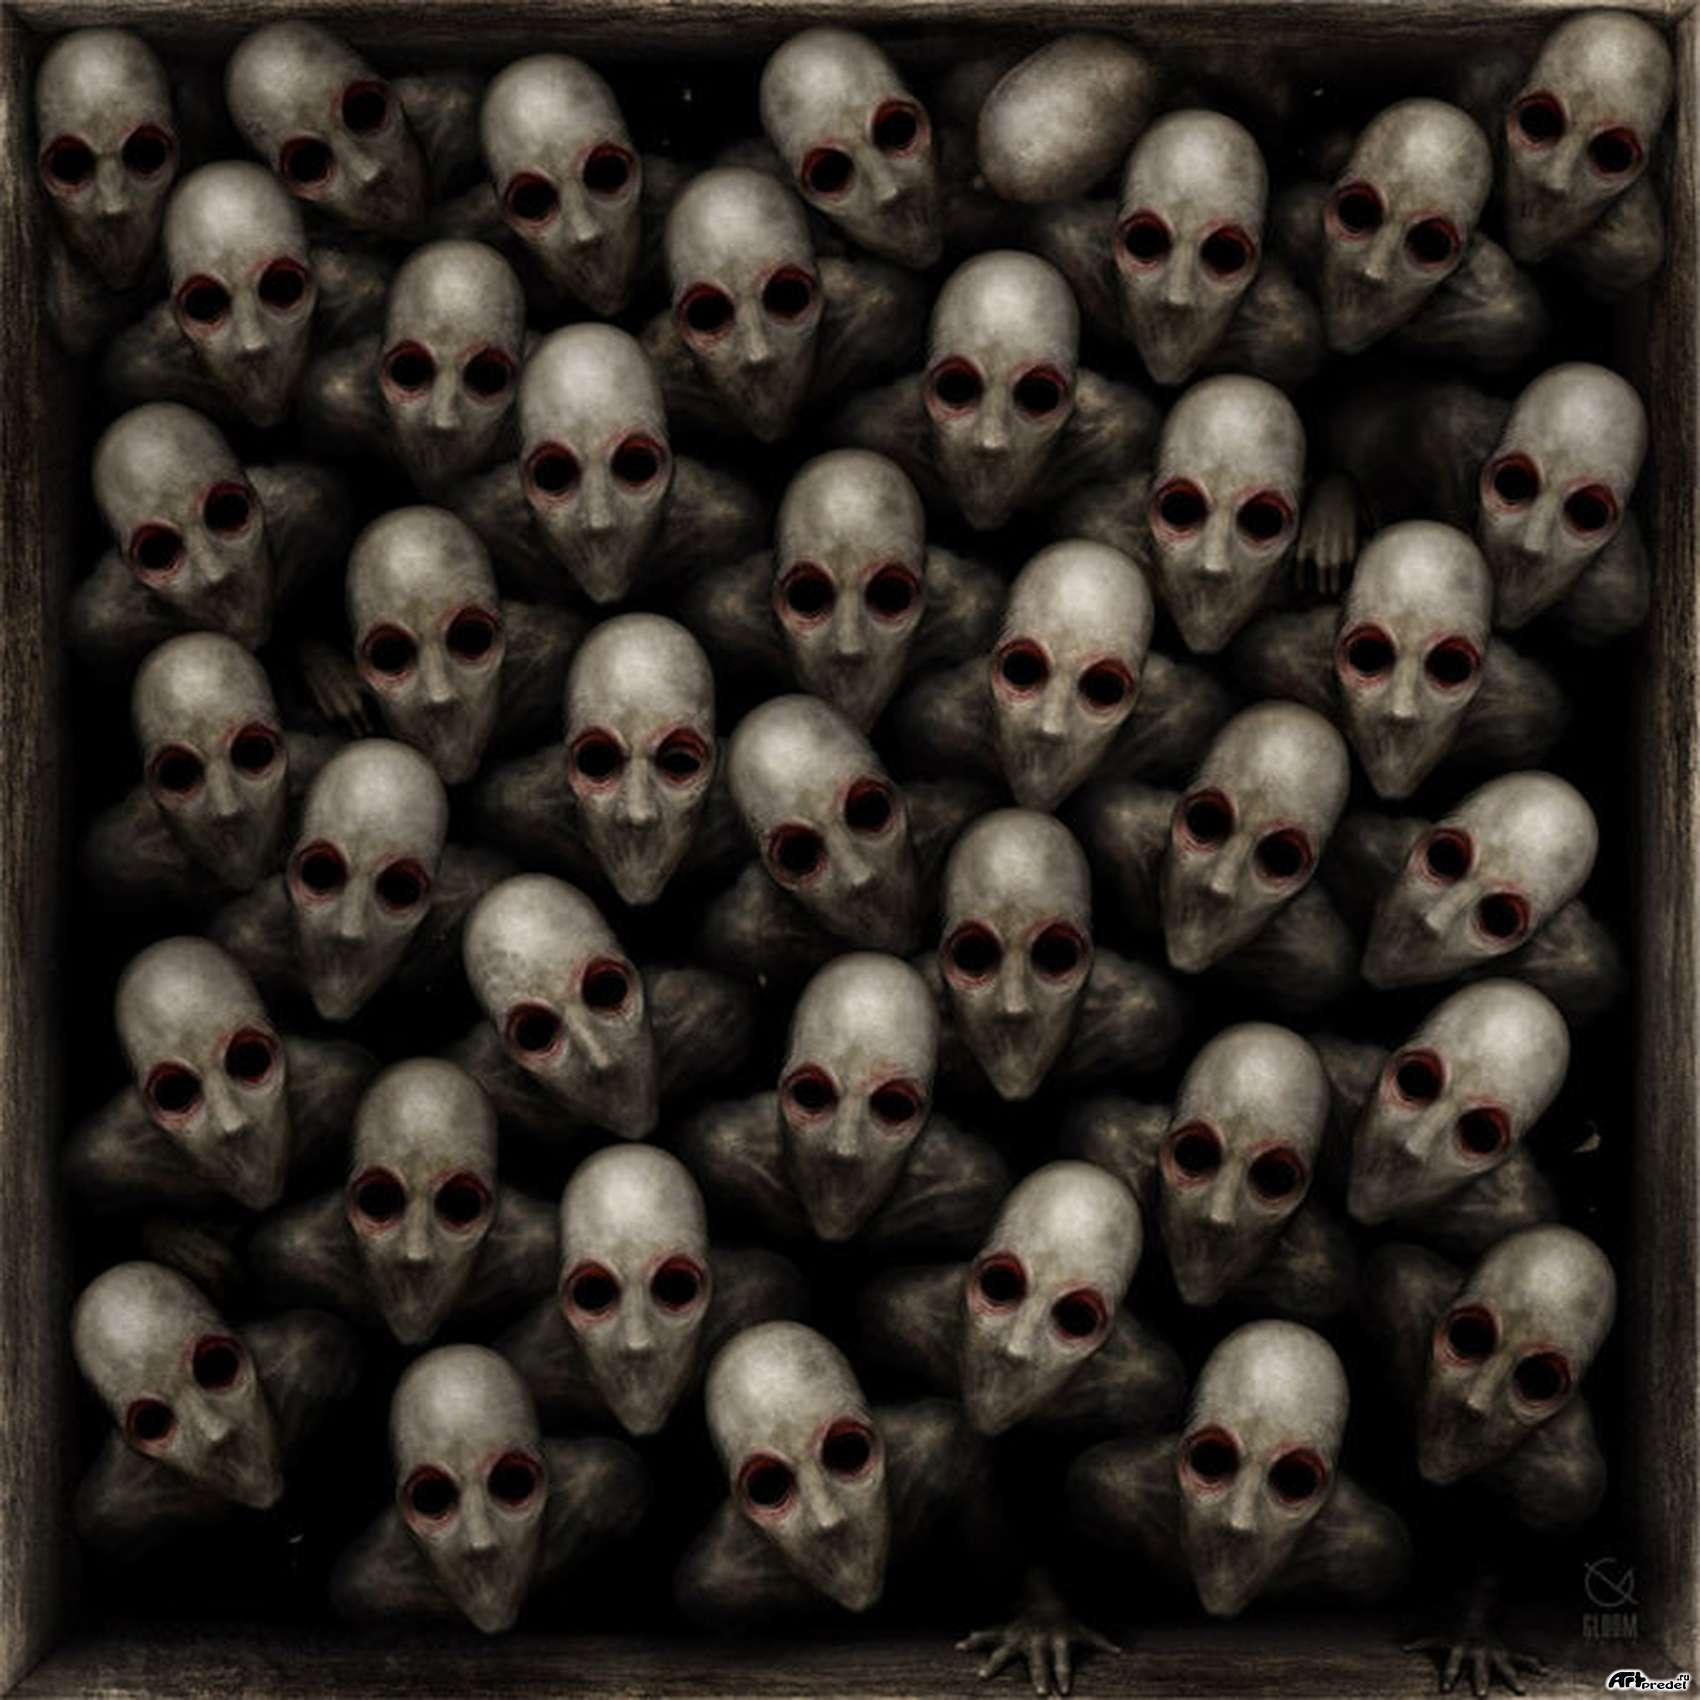 19120 Заставки и Обои Смерть на телефон. Скачать Смерть, Рисунки картинки бесплатно